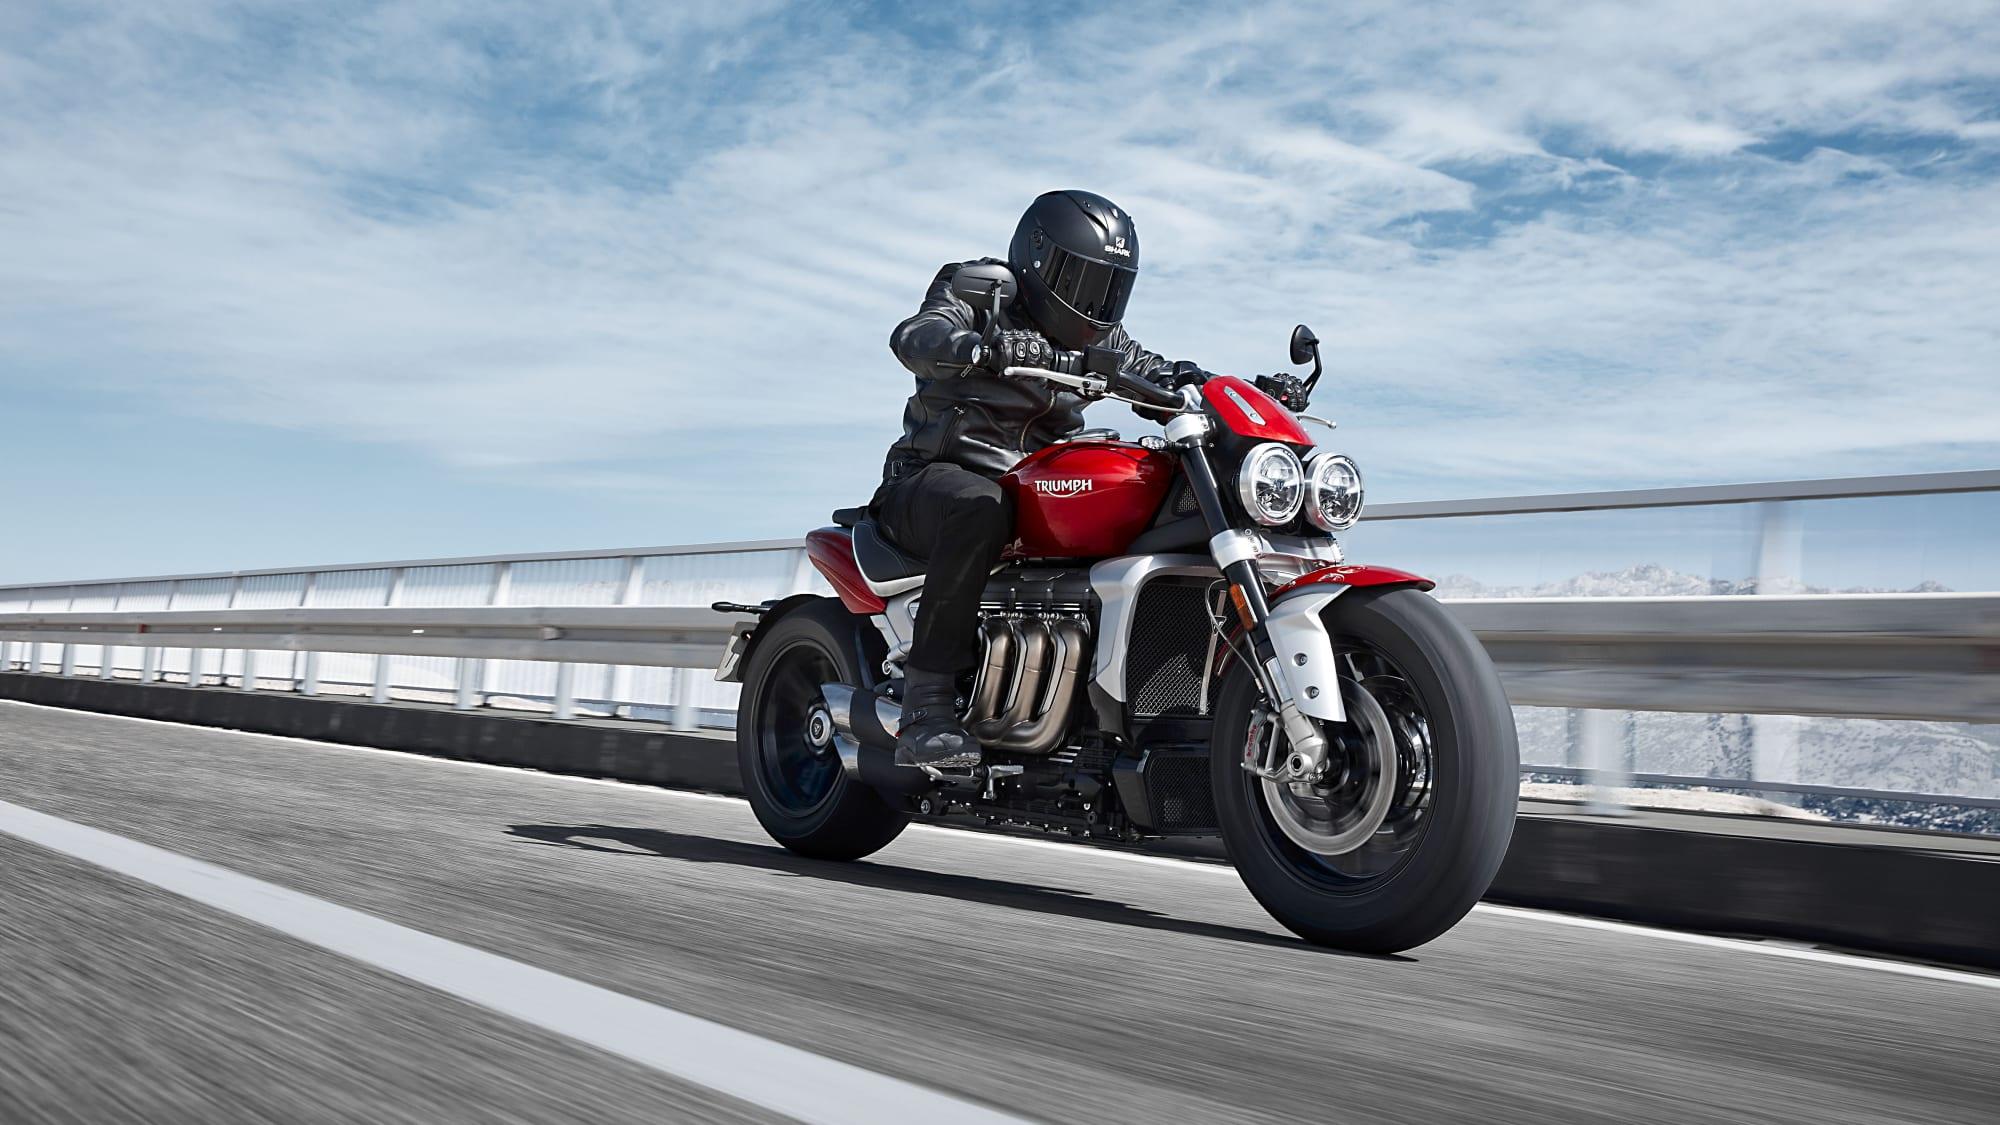 Motorradfahrer fährt eine Triumph Rocket 3 R